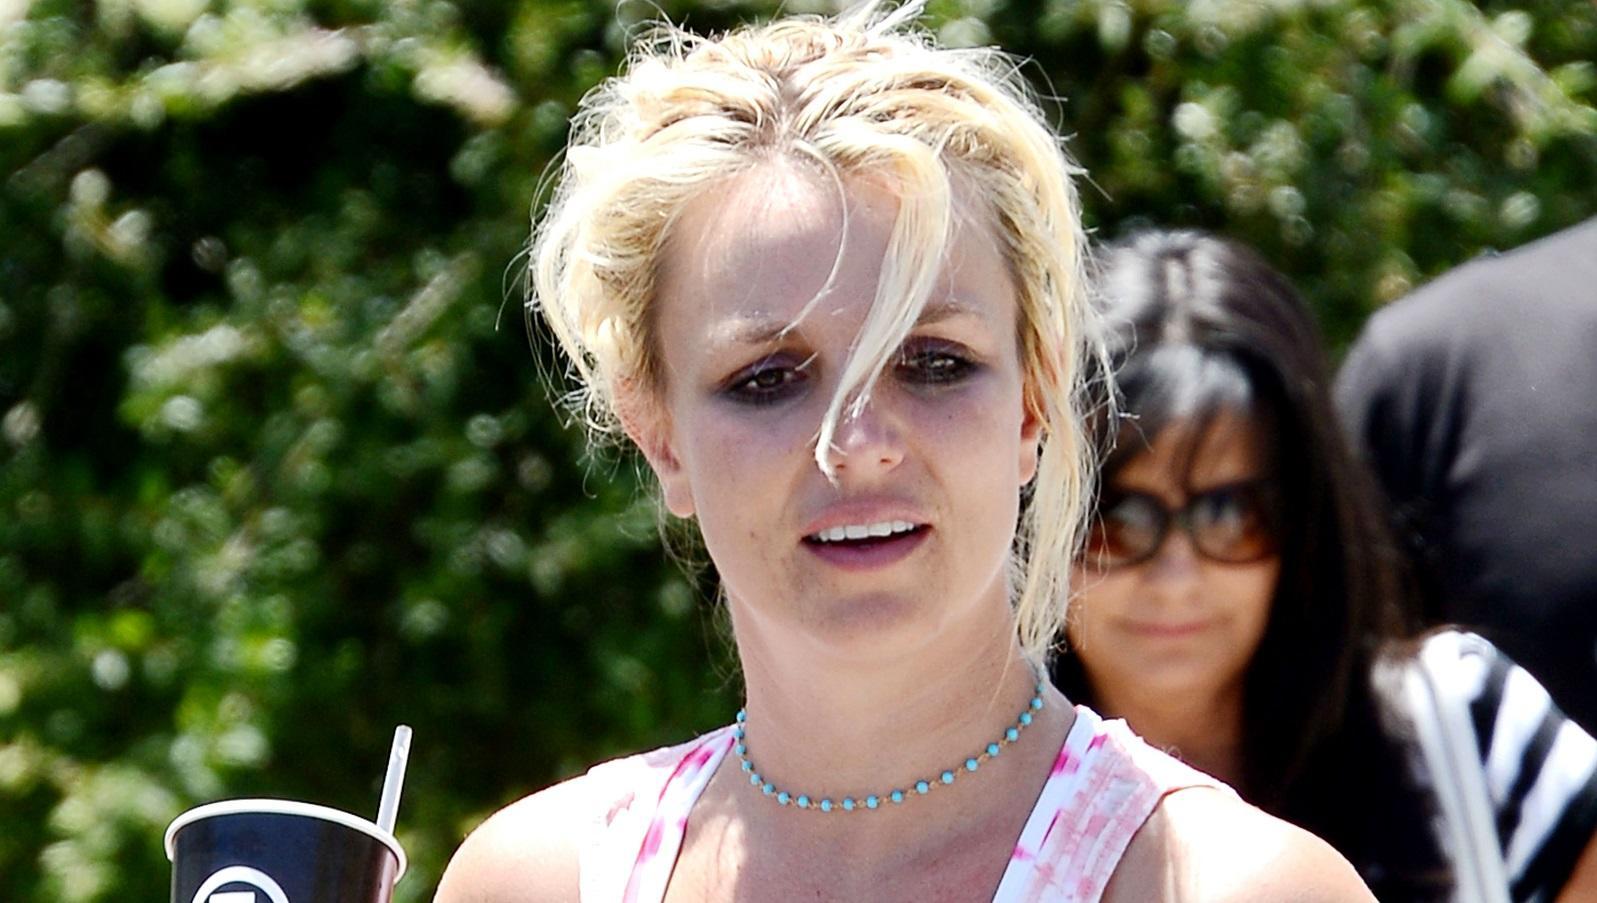 Britney volt az egyik legelső tini pop sztár, milliók rajongtak érte. Aztán egy nap leborotválta a haját. Rátámadt a lesifotósokra, elvált, zűrös lett a magánélete, elvonóra ment. Azt rebesgették, mentálisan instabil, sőt depresszióról és öngyilkossági kísérletekről is lehetett hallani. Szerencsére úgy tűnik, ez már a múlt. (Broadimage/REX/Shutterstock)